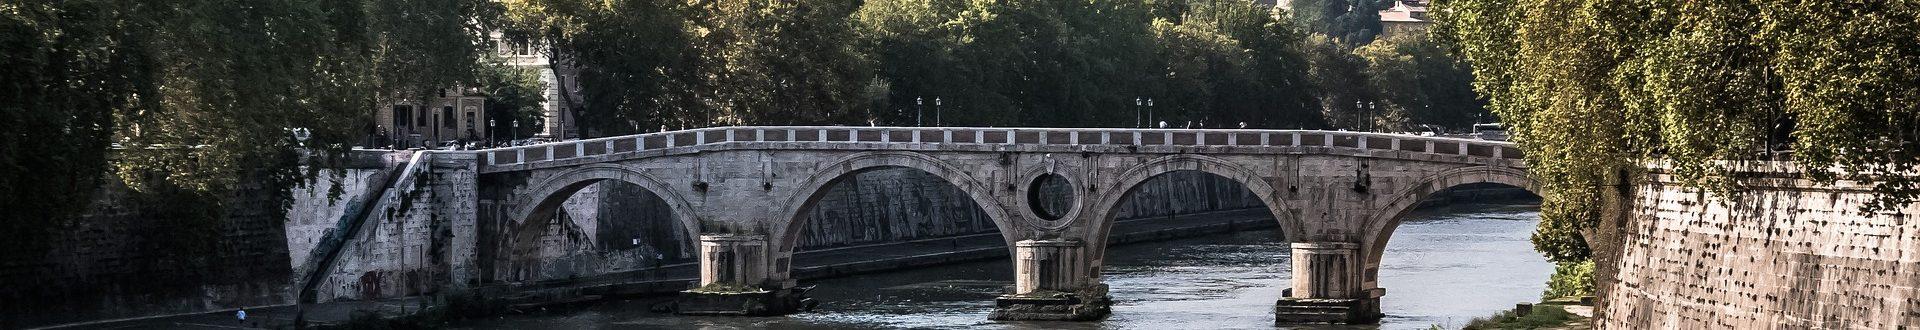 Schoolreizen Italië met Veenstra Reizen